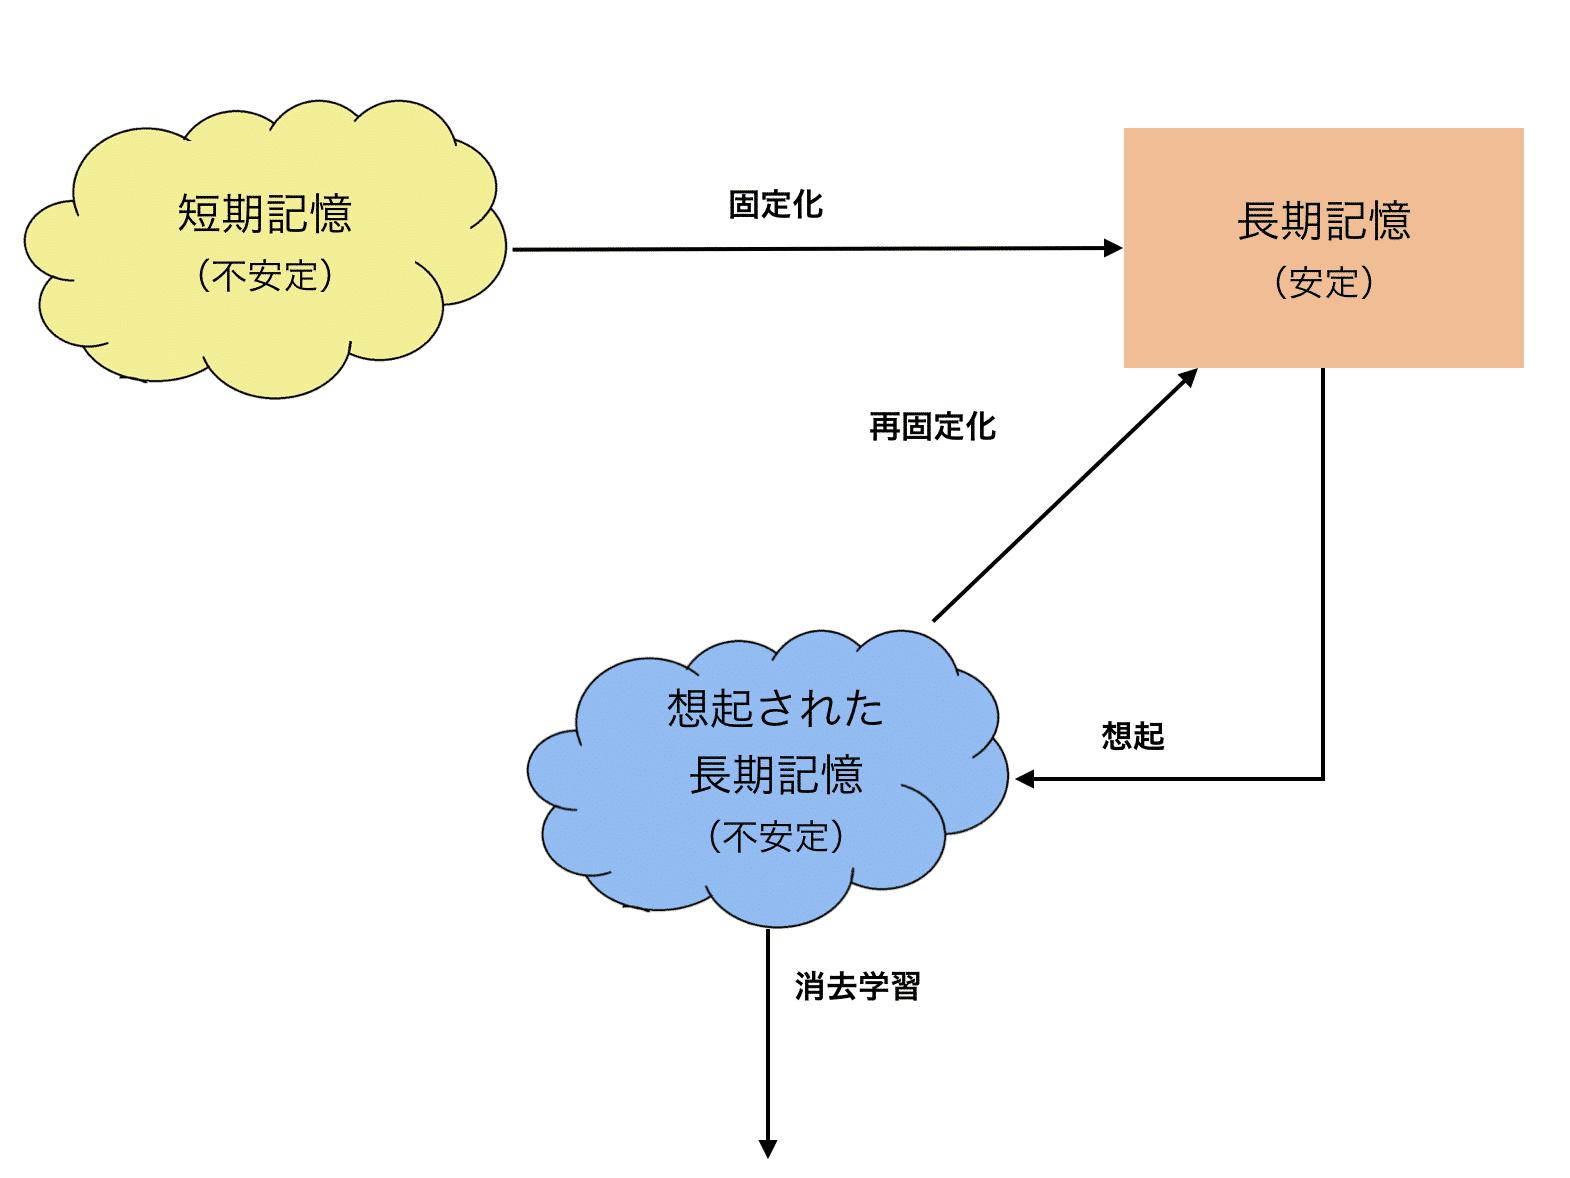 記憶想起後のプロセス